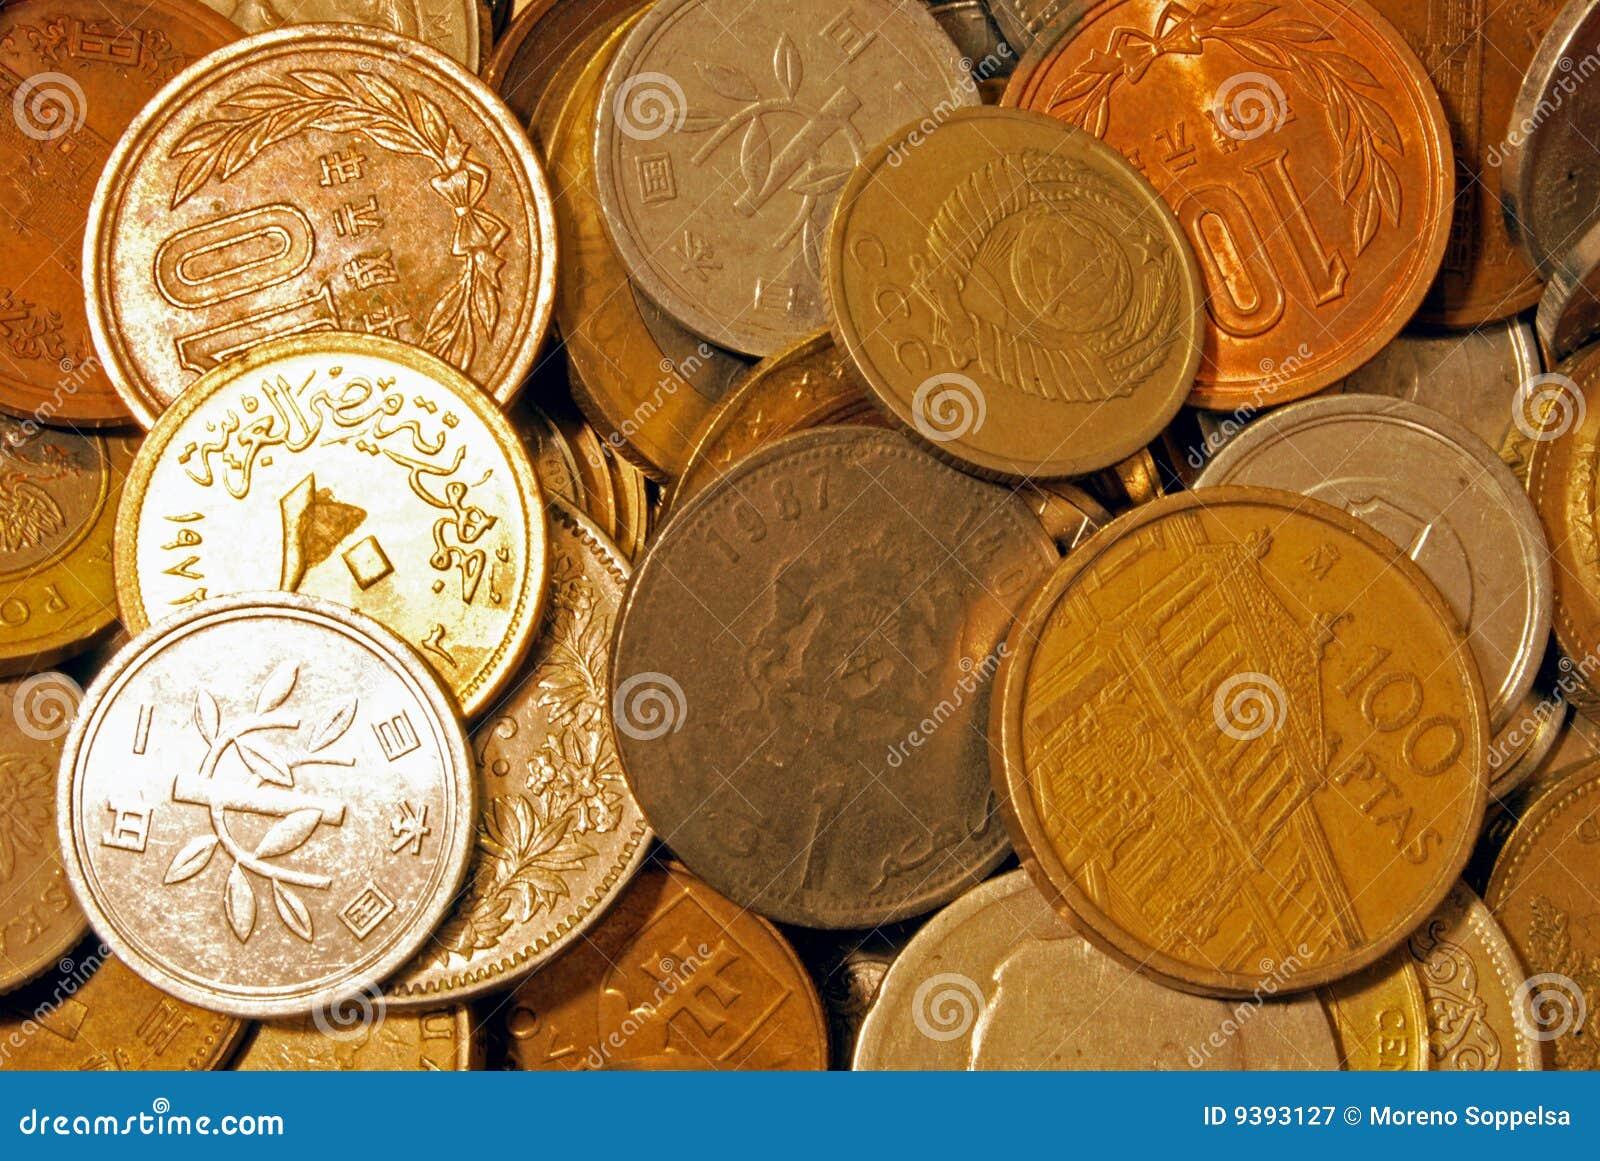 Buitenlandse muntstukken